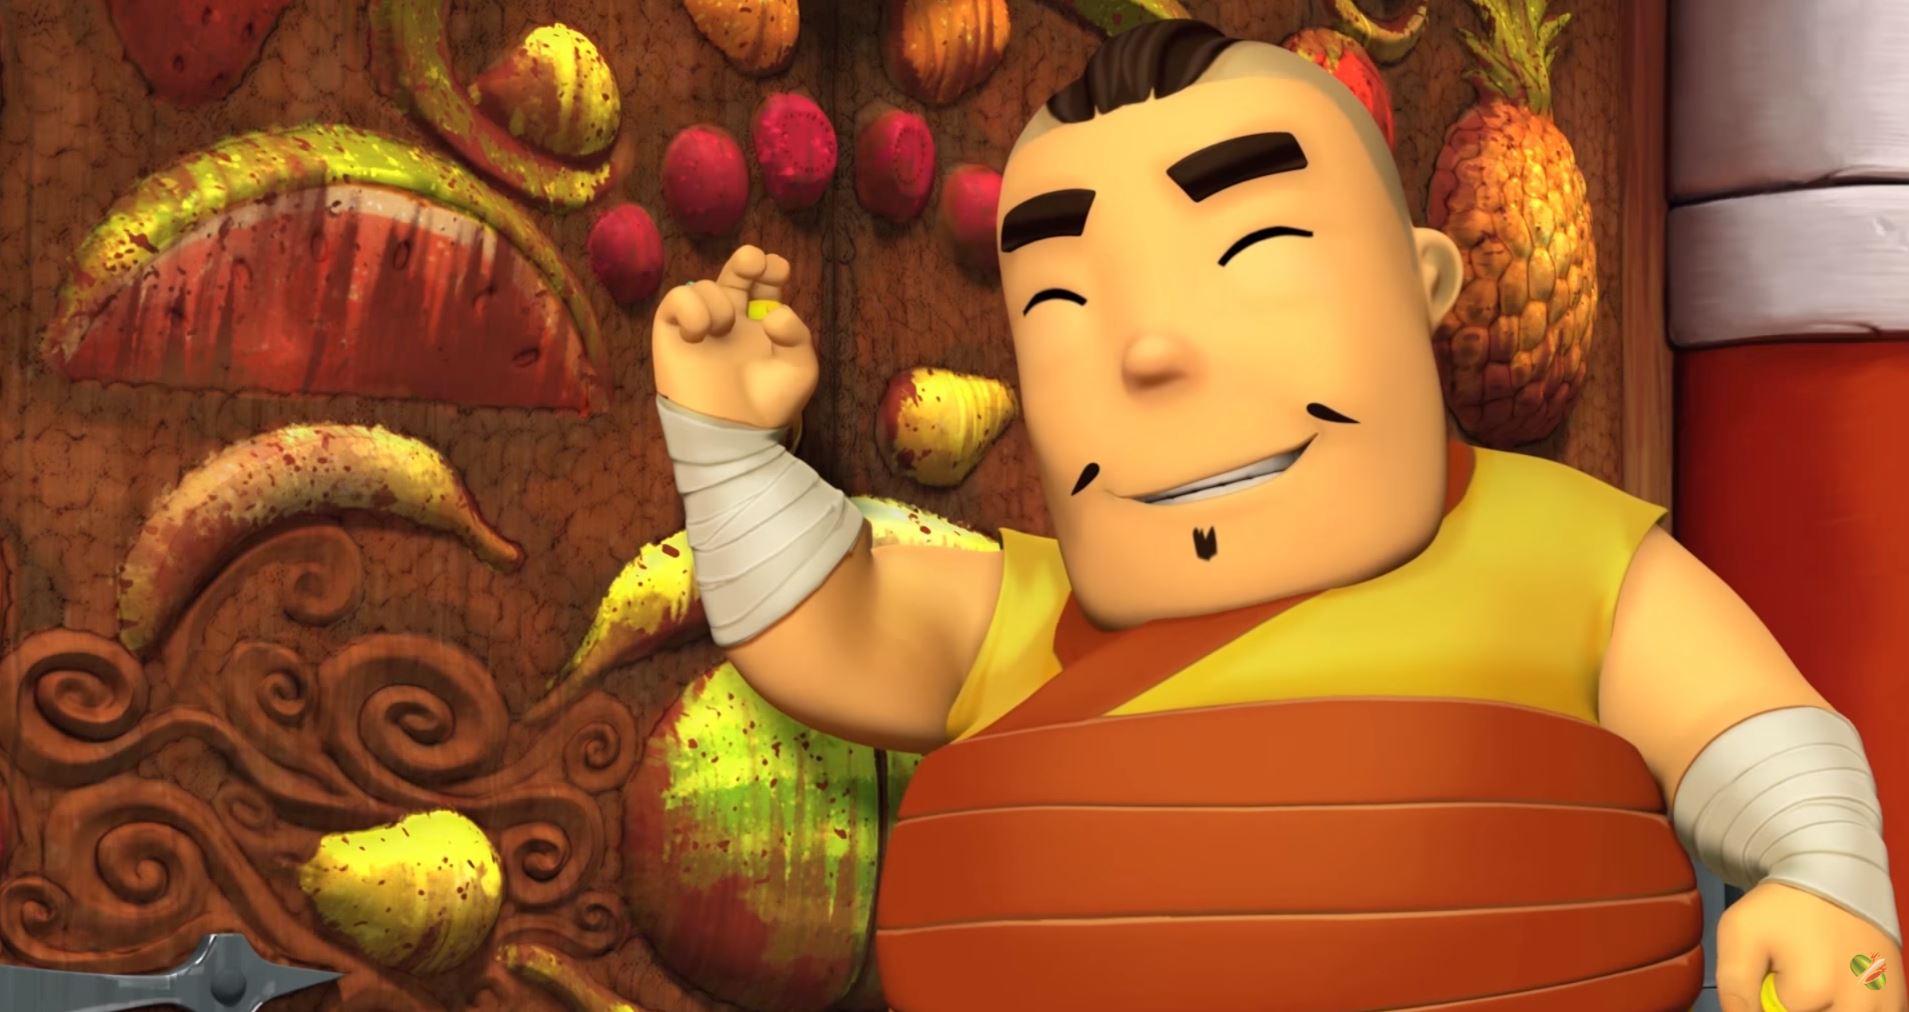 Still from promotional Fruit Ninja animation.